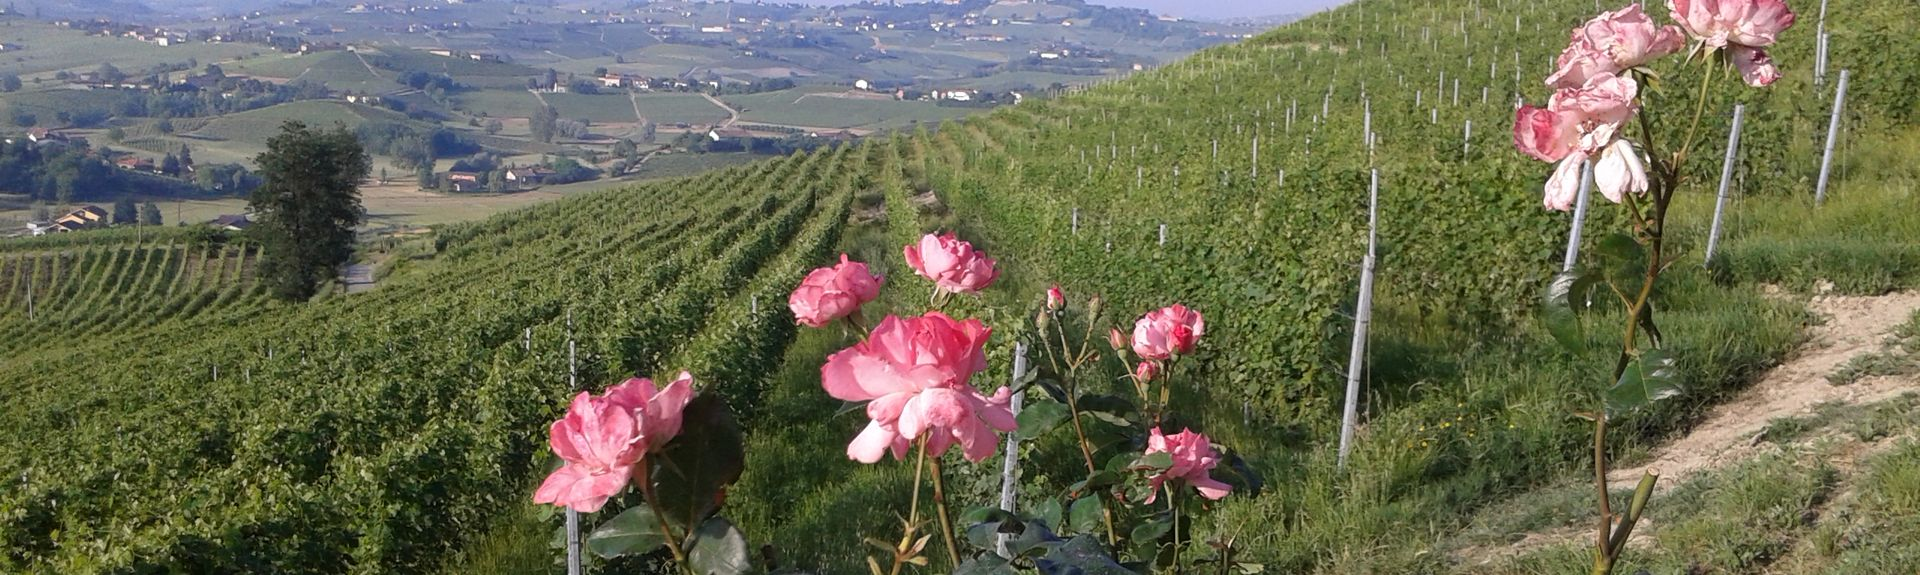 Calamandrana, Piedmont, Italy